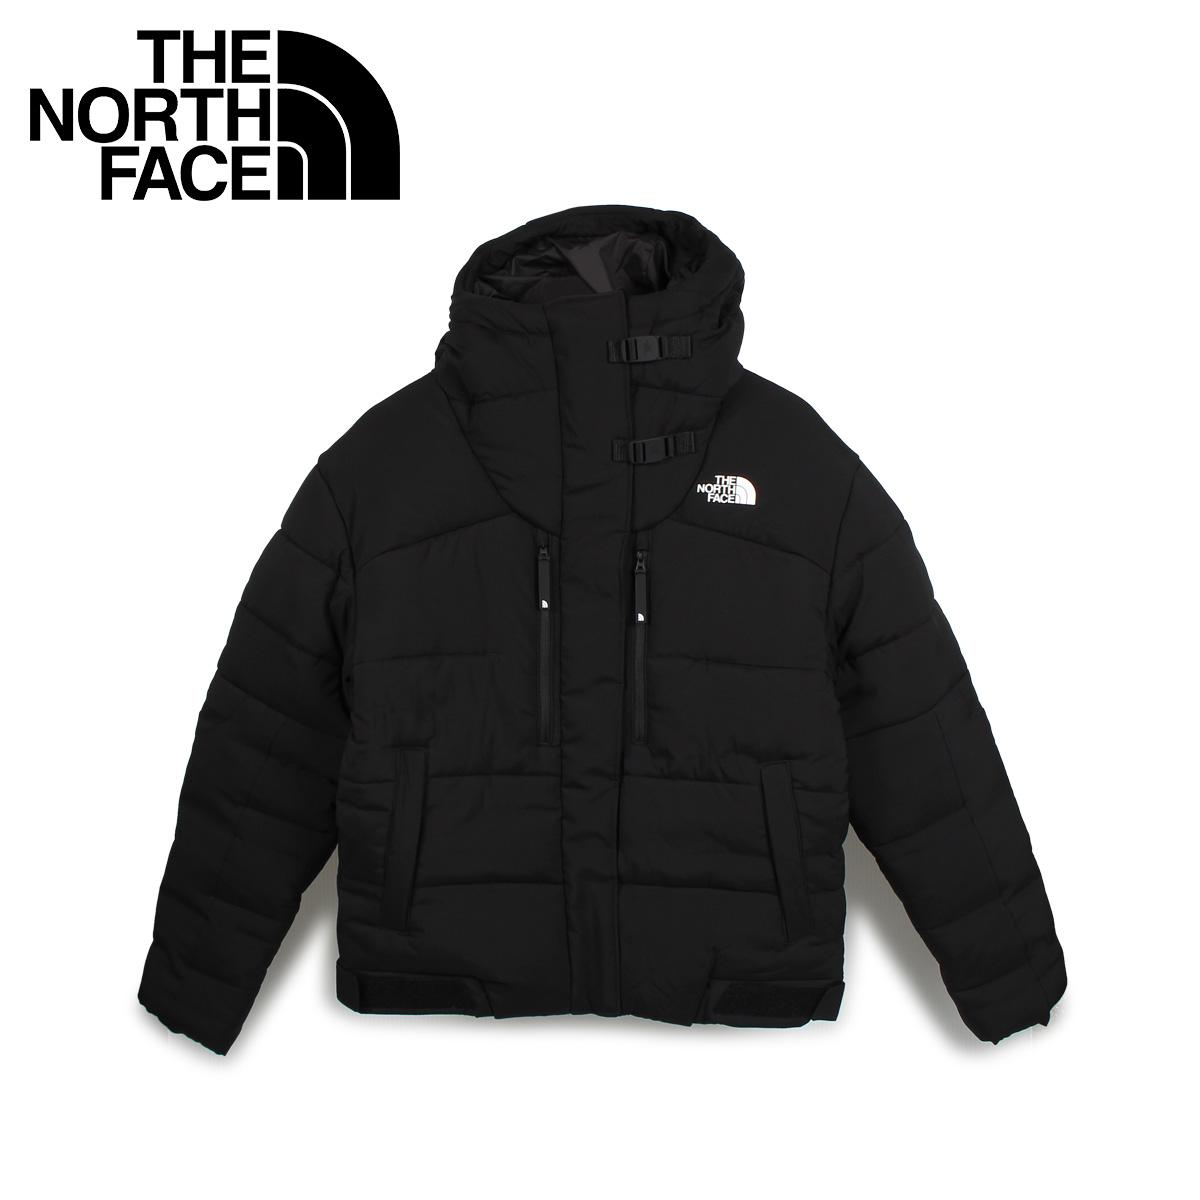 ノースフェイス THE NORTH FACE ジャケット マウンテンジャケット レディース WOMENS HIMALAYAN PUFFER JACKET ブラック 黒 T93Y26